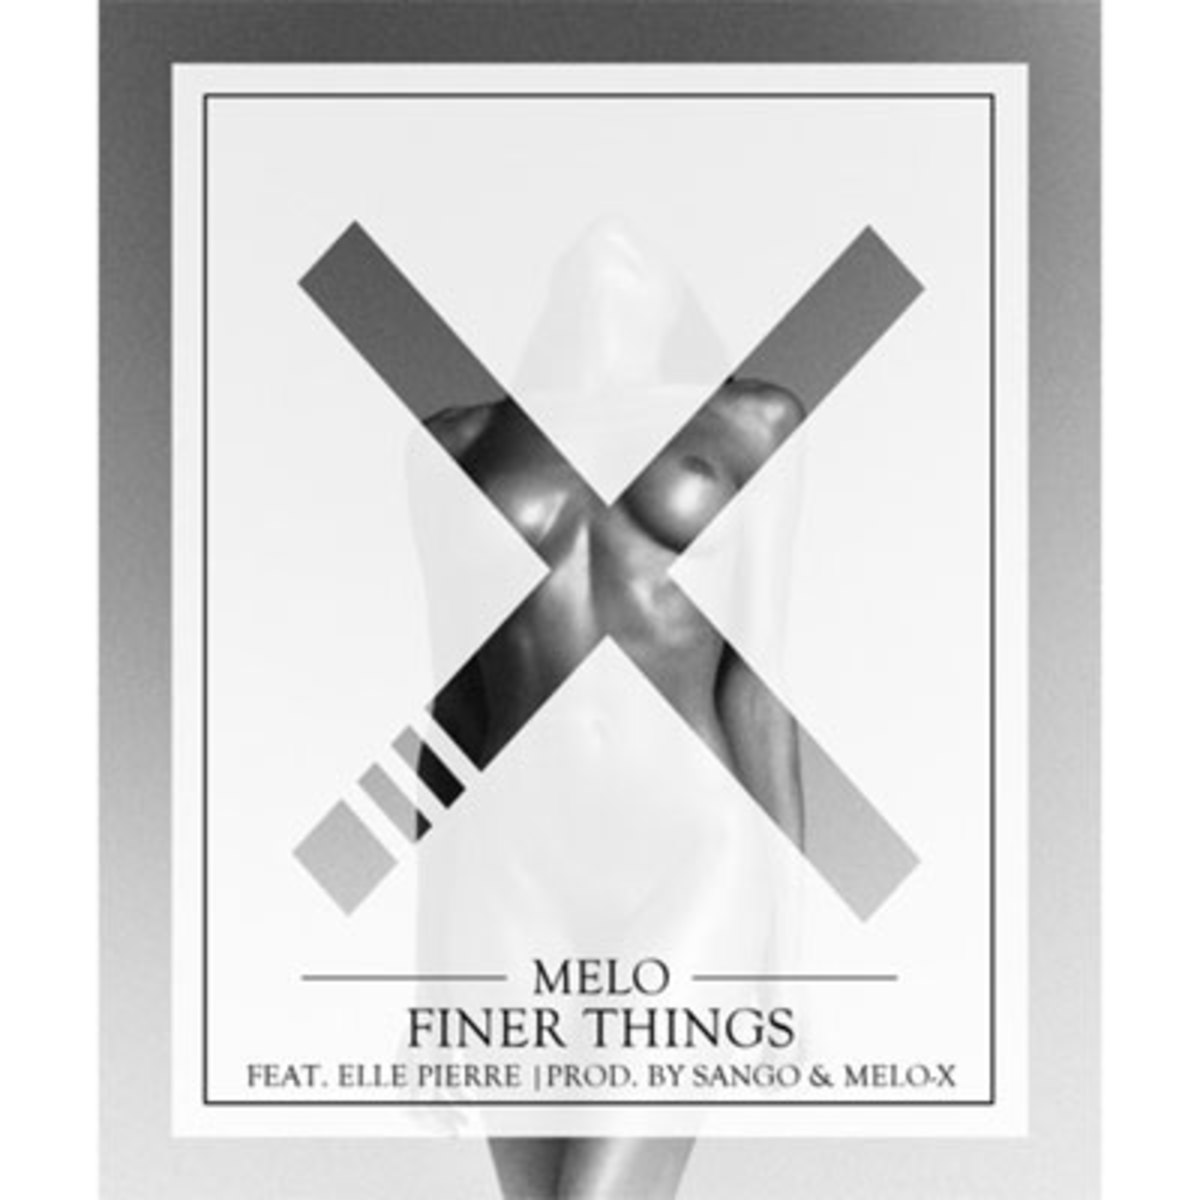 melox-finerthings.jpg